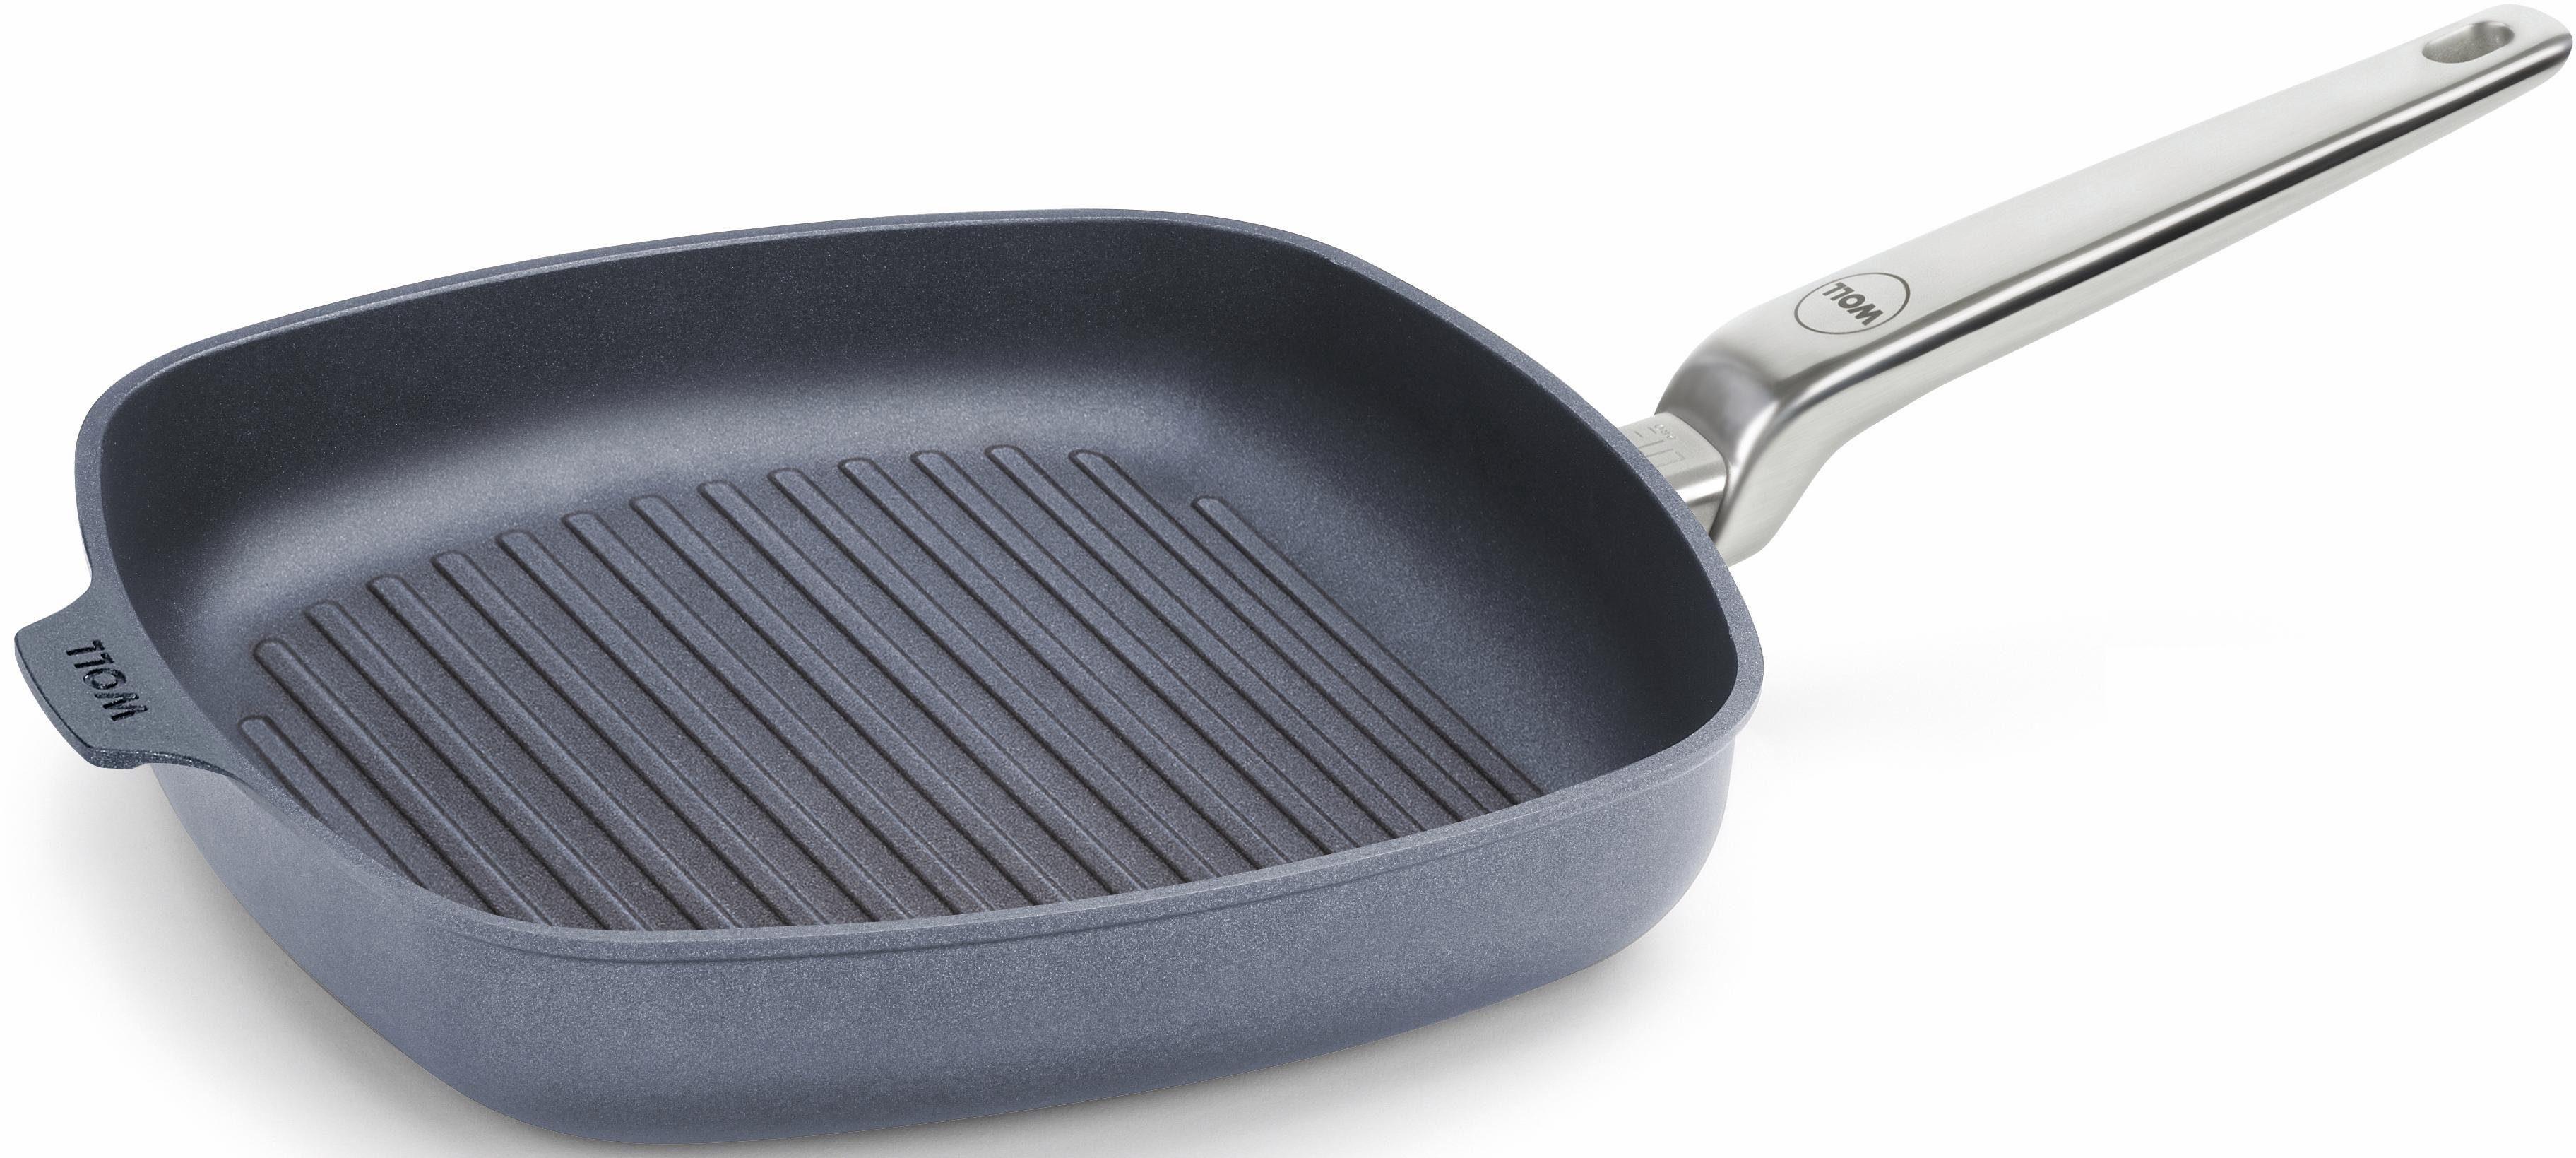 WOLL MADE IN GERMANY Steakpfanne »DIAMOND LITE PRO«, Aluminiumguss